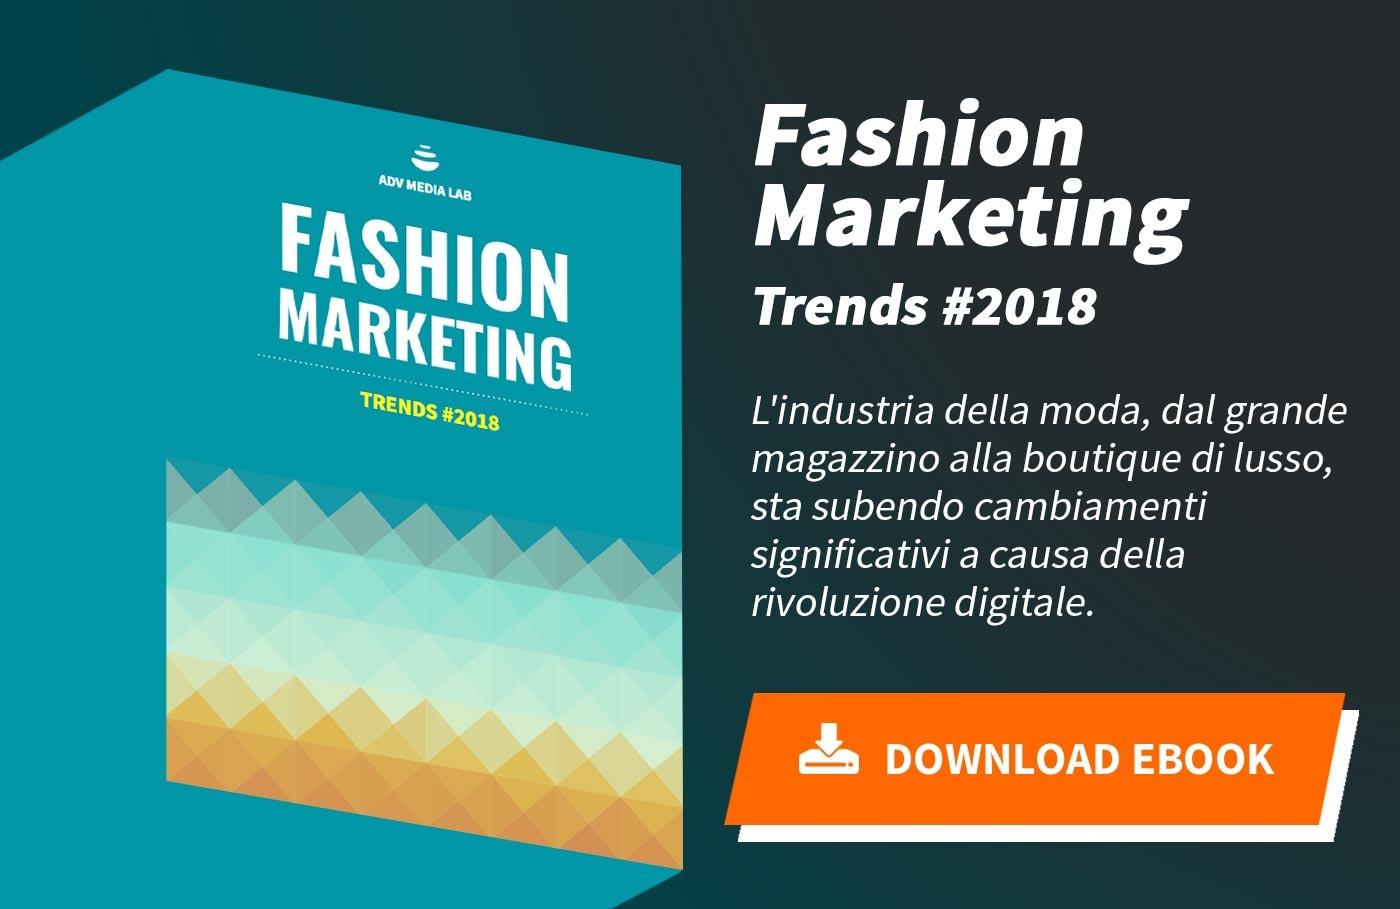 08817b820f5c Scarica-ebook-fashion-marketing-trends-2018. Qualche suggerimento per i  rivenditori di abbigliamento online. Mentre prima era una cosa per ...